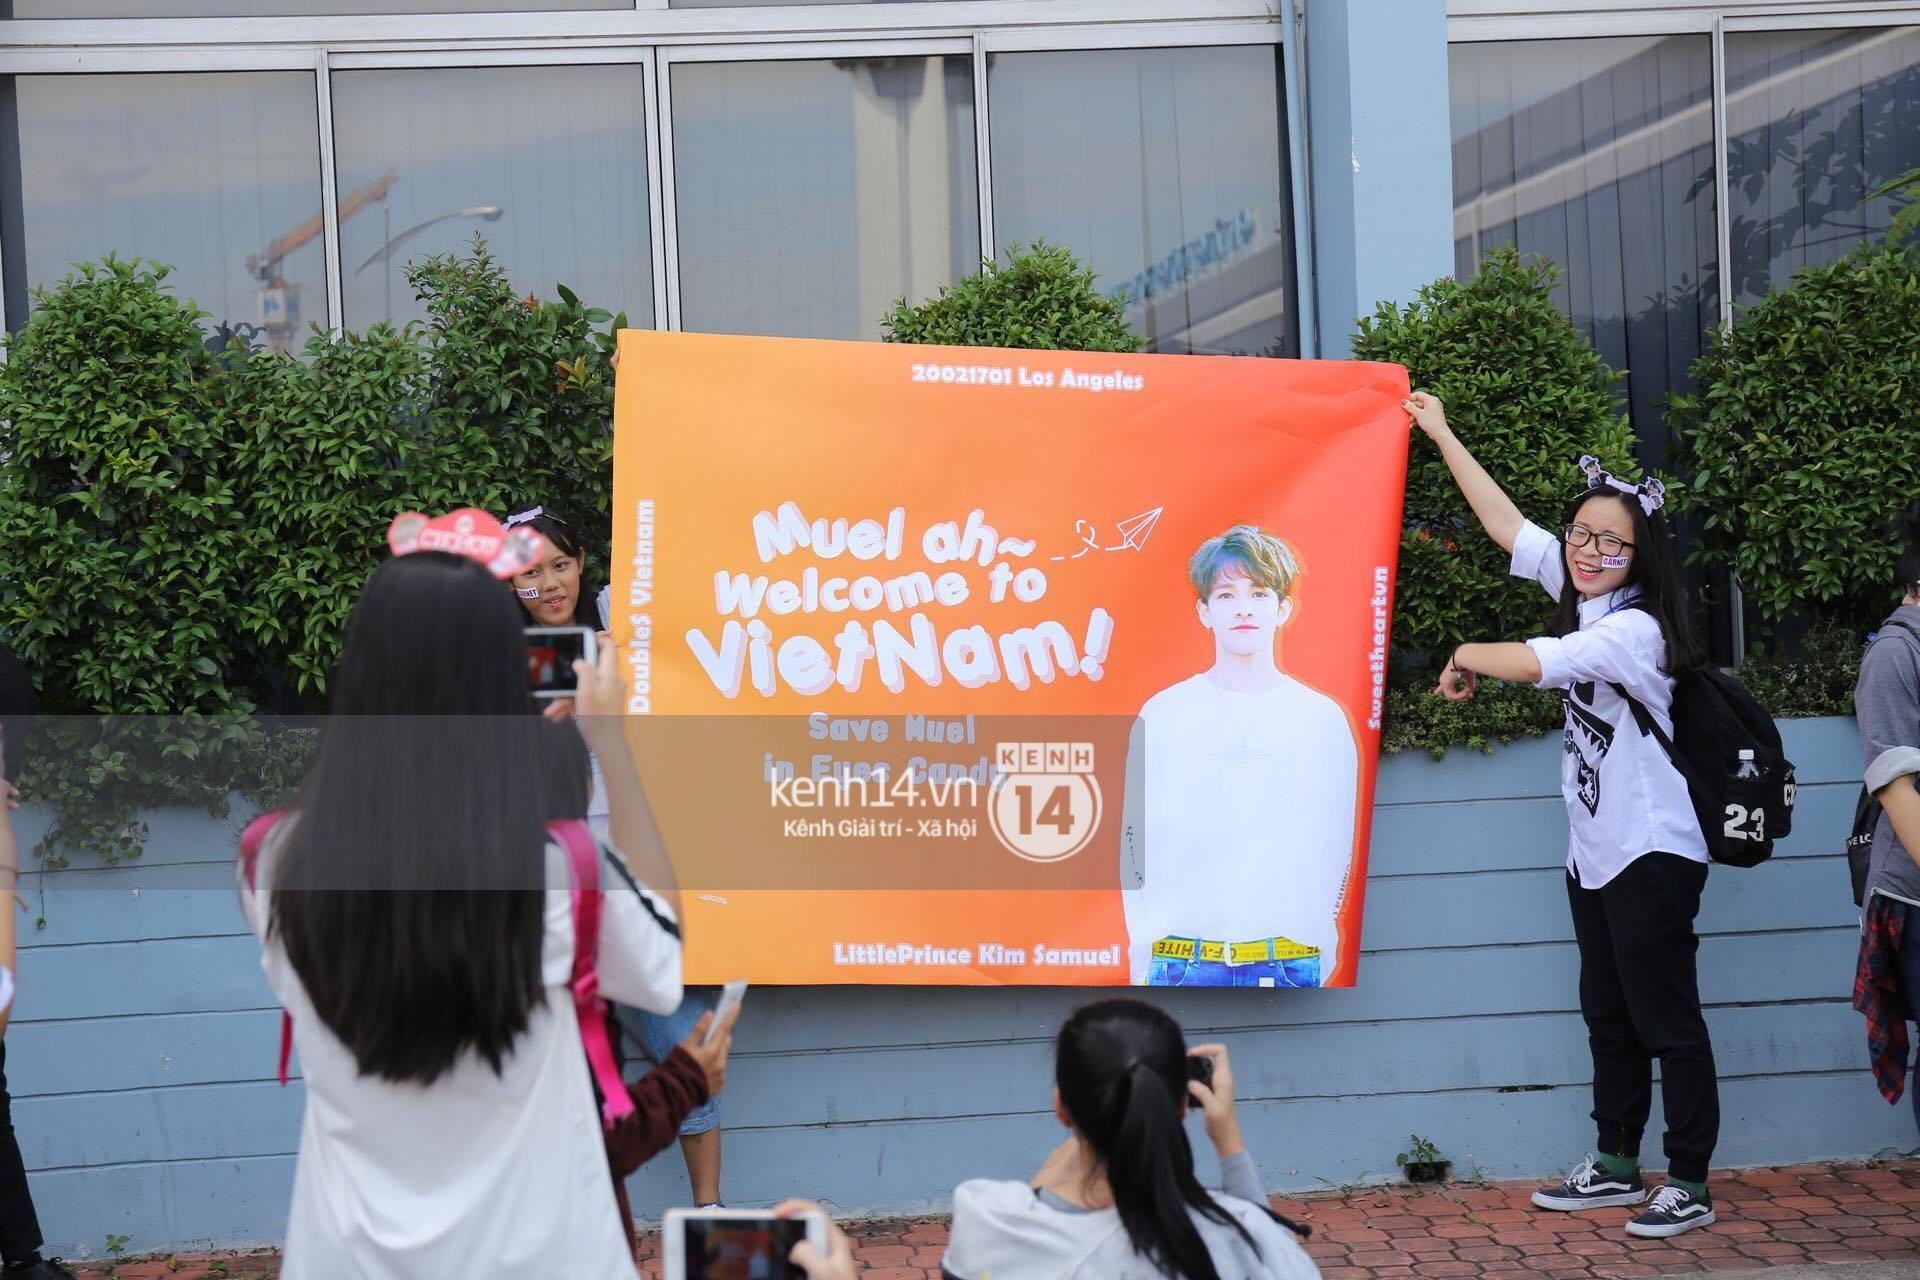 Hoàng tử lai Samuel điển trai, cùng Seventeen ngoái lại chào fan Việt bằng được tại sân bay Tân Sơn Nhất - Ảnh 29.